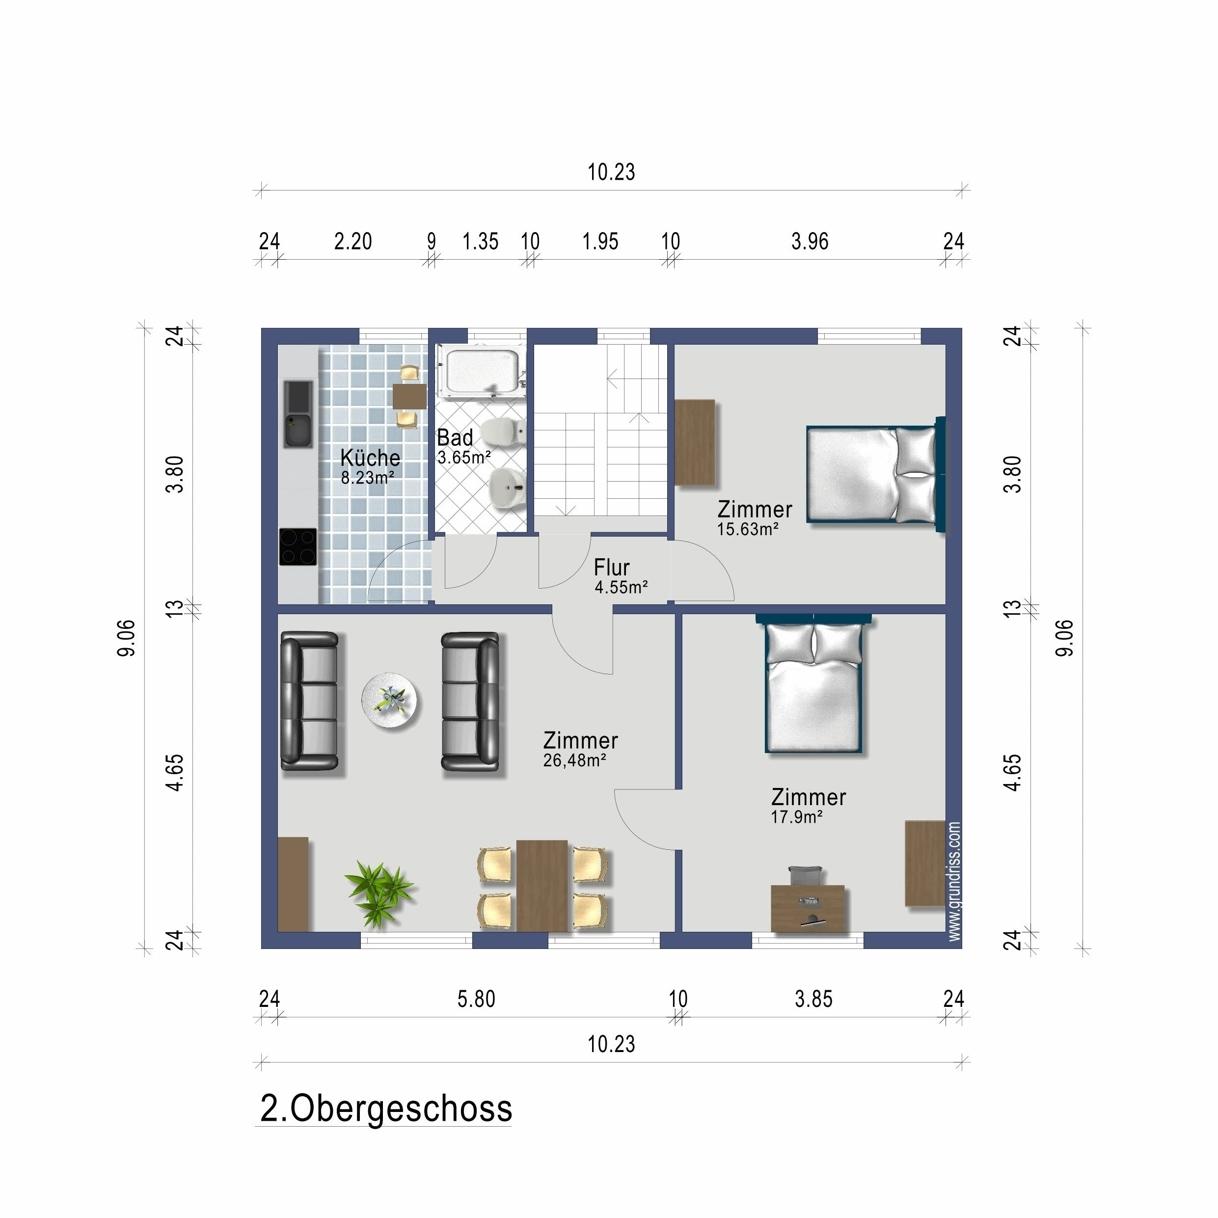 Wohnung im 2. Obergeschoss